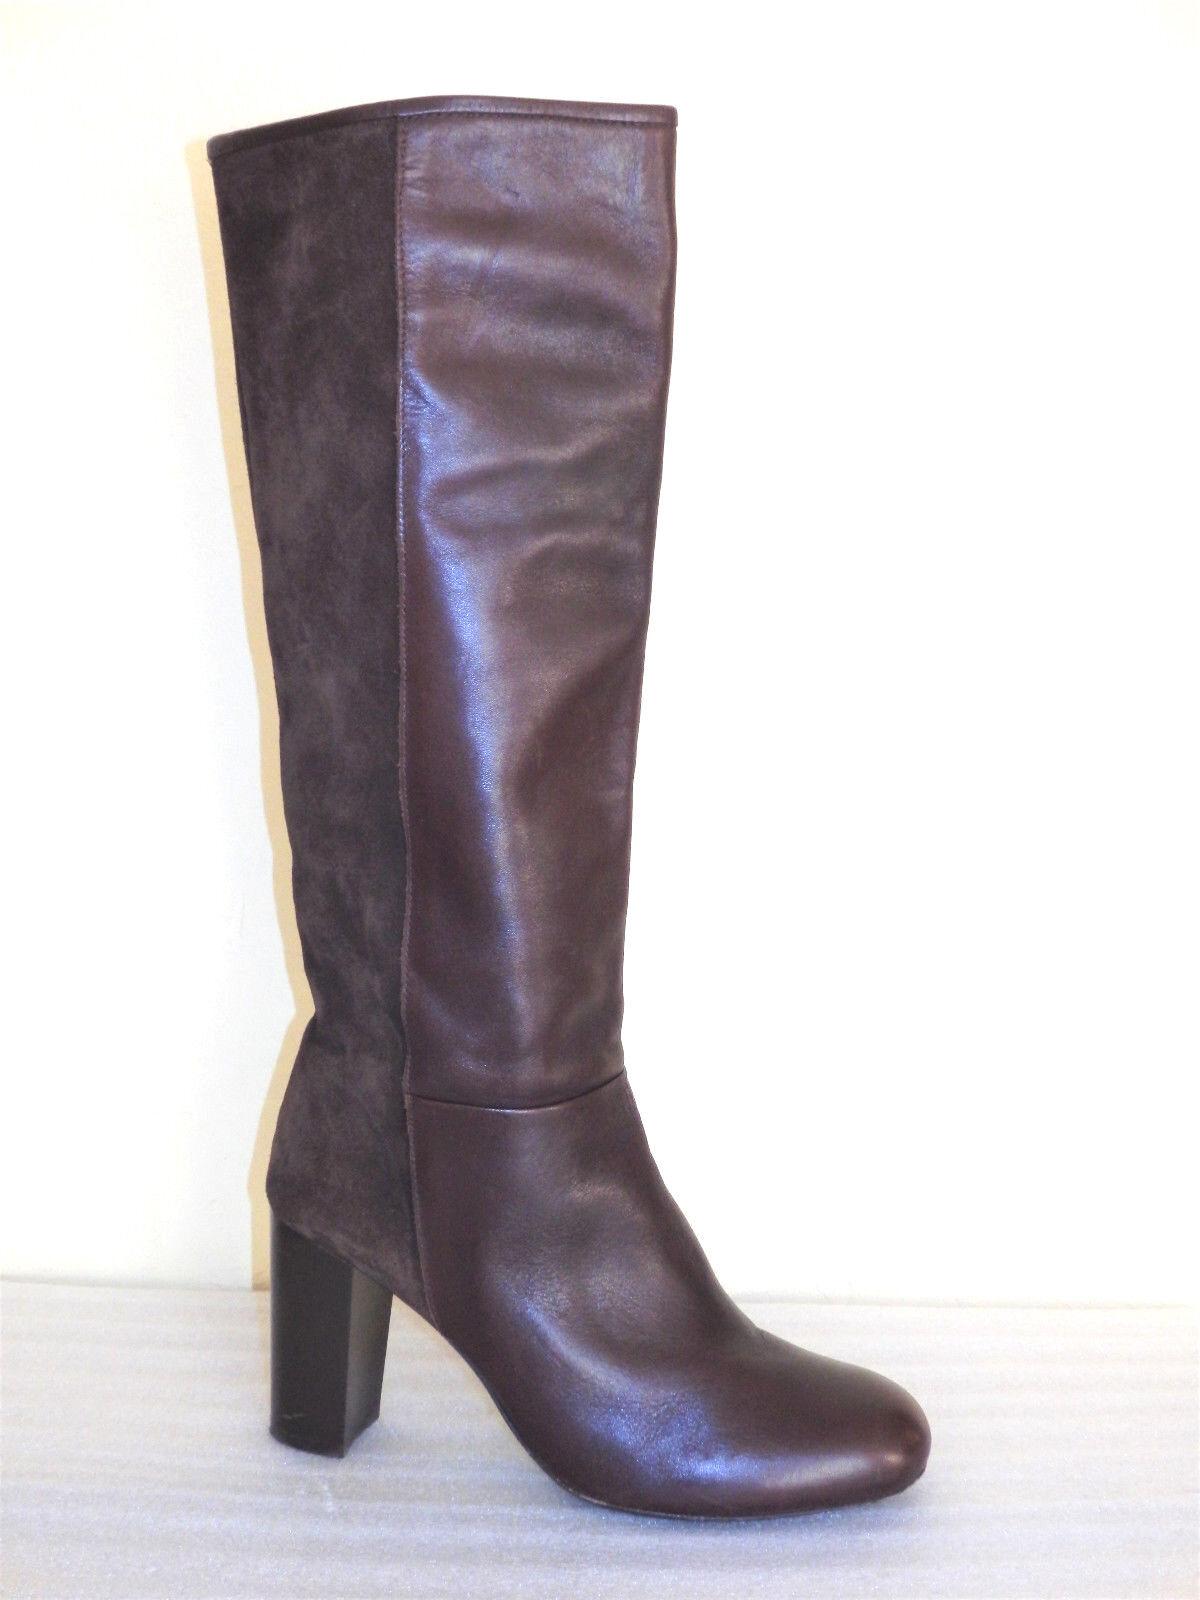 Claudie Pierröd - stövlar - läder och mocka - - - Storlek 40 - Autentic  försäljning